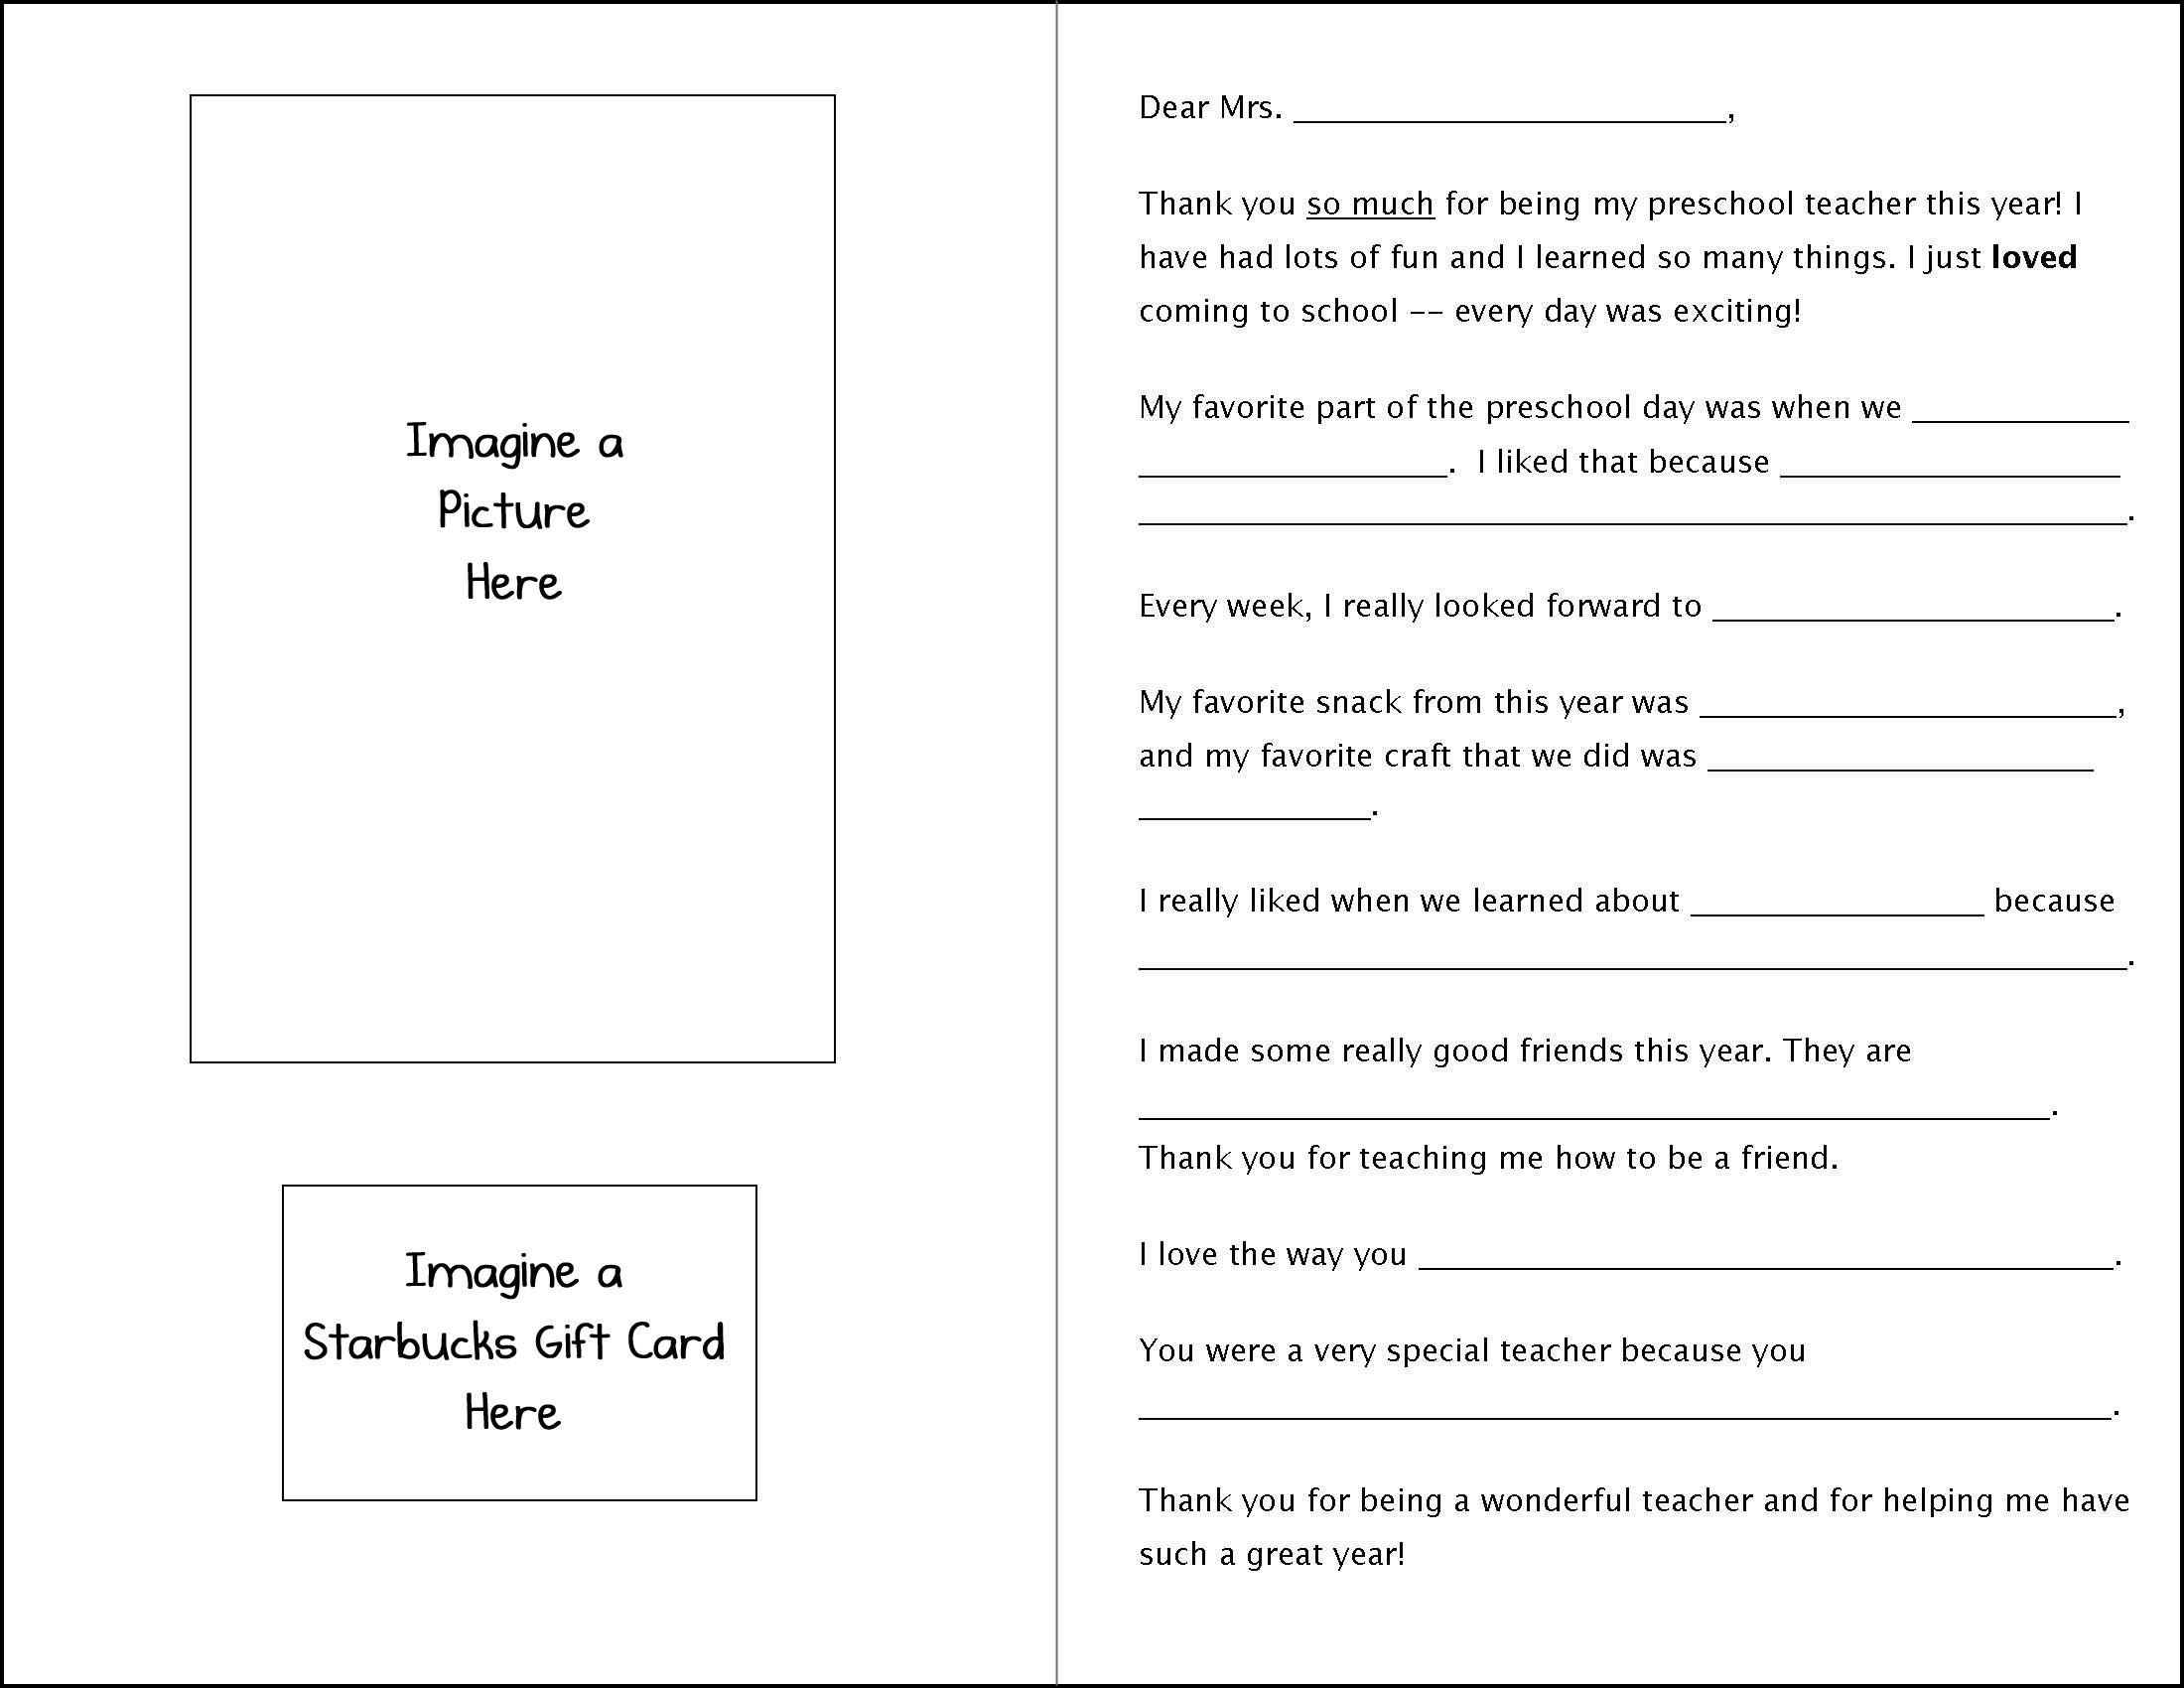 Fillintheblank teacher appreciation letter preschool